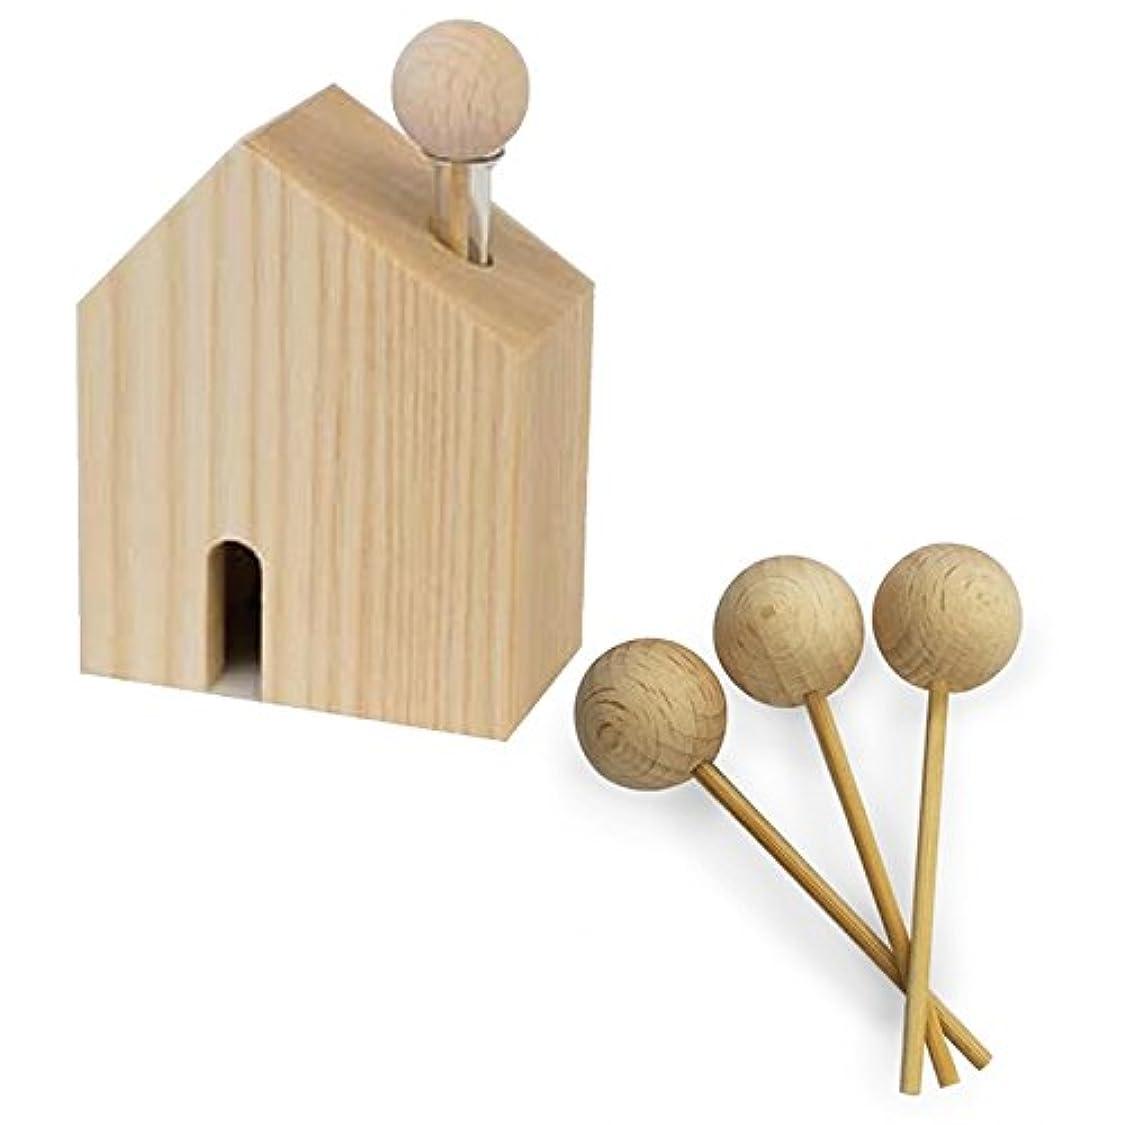 モネ血まみれタイムリーなHARIO ハリオ アロマ芳香器 木のお家 交換用木製スティック3本付